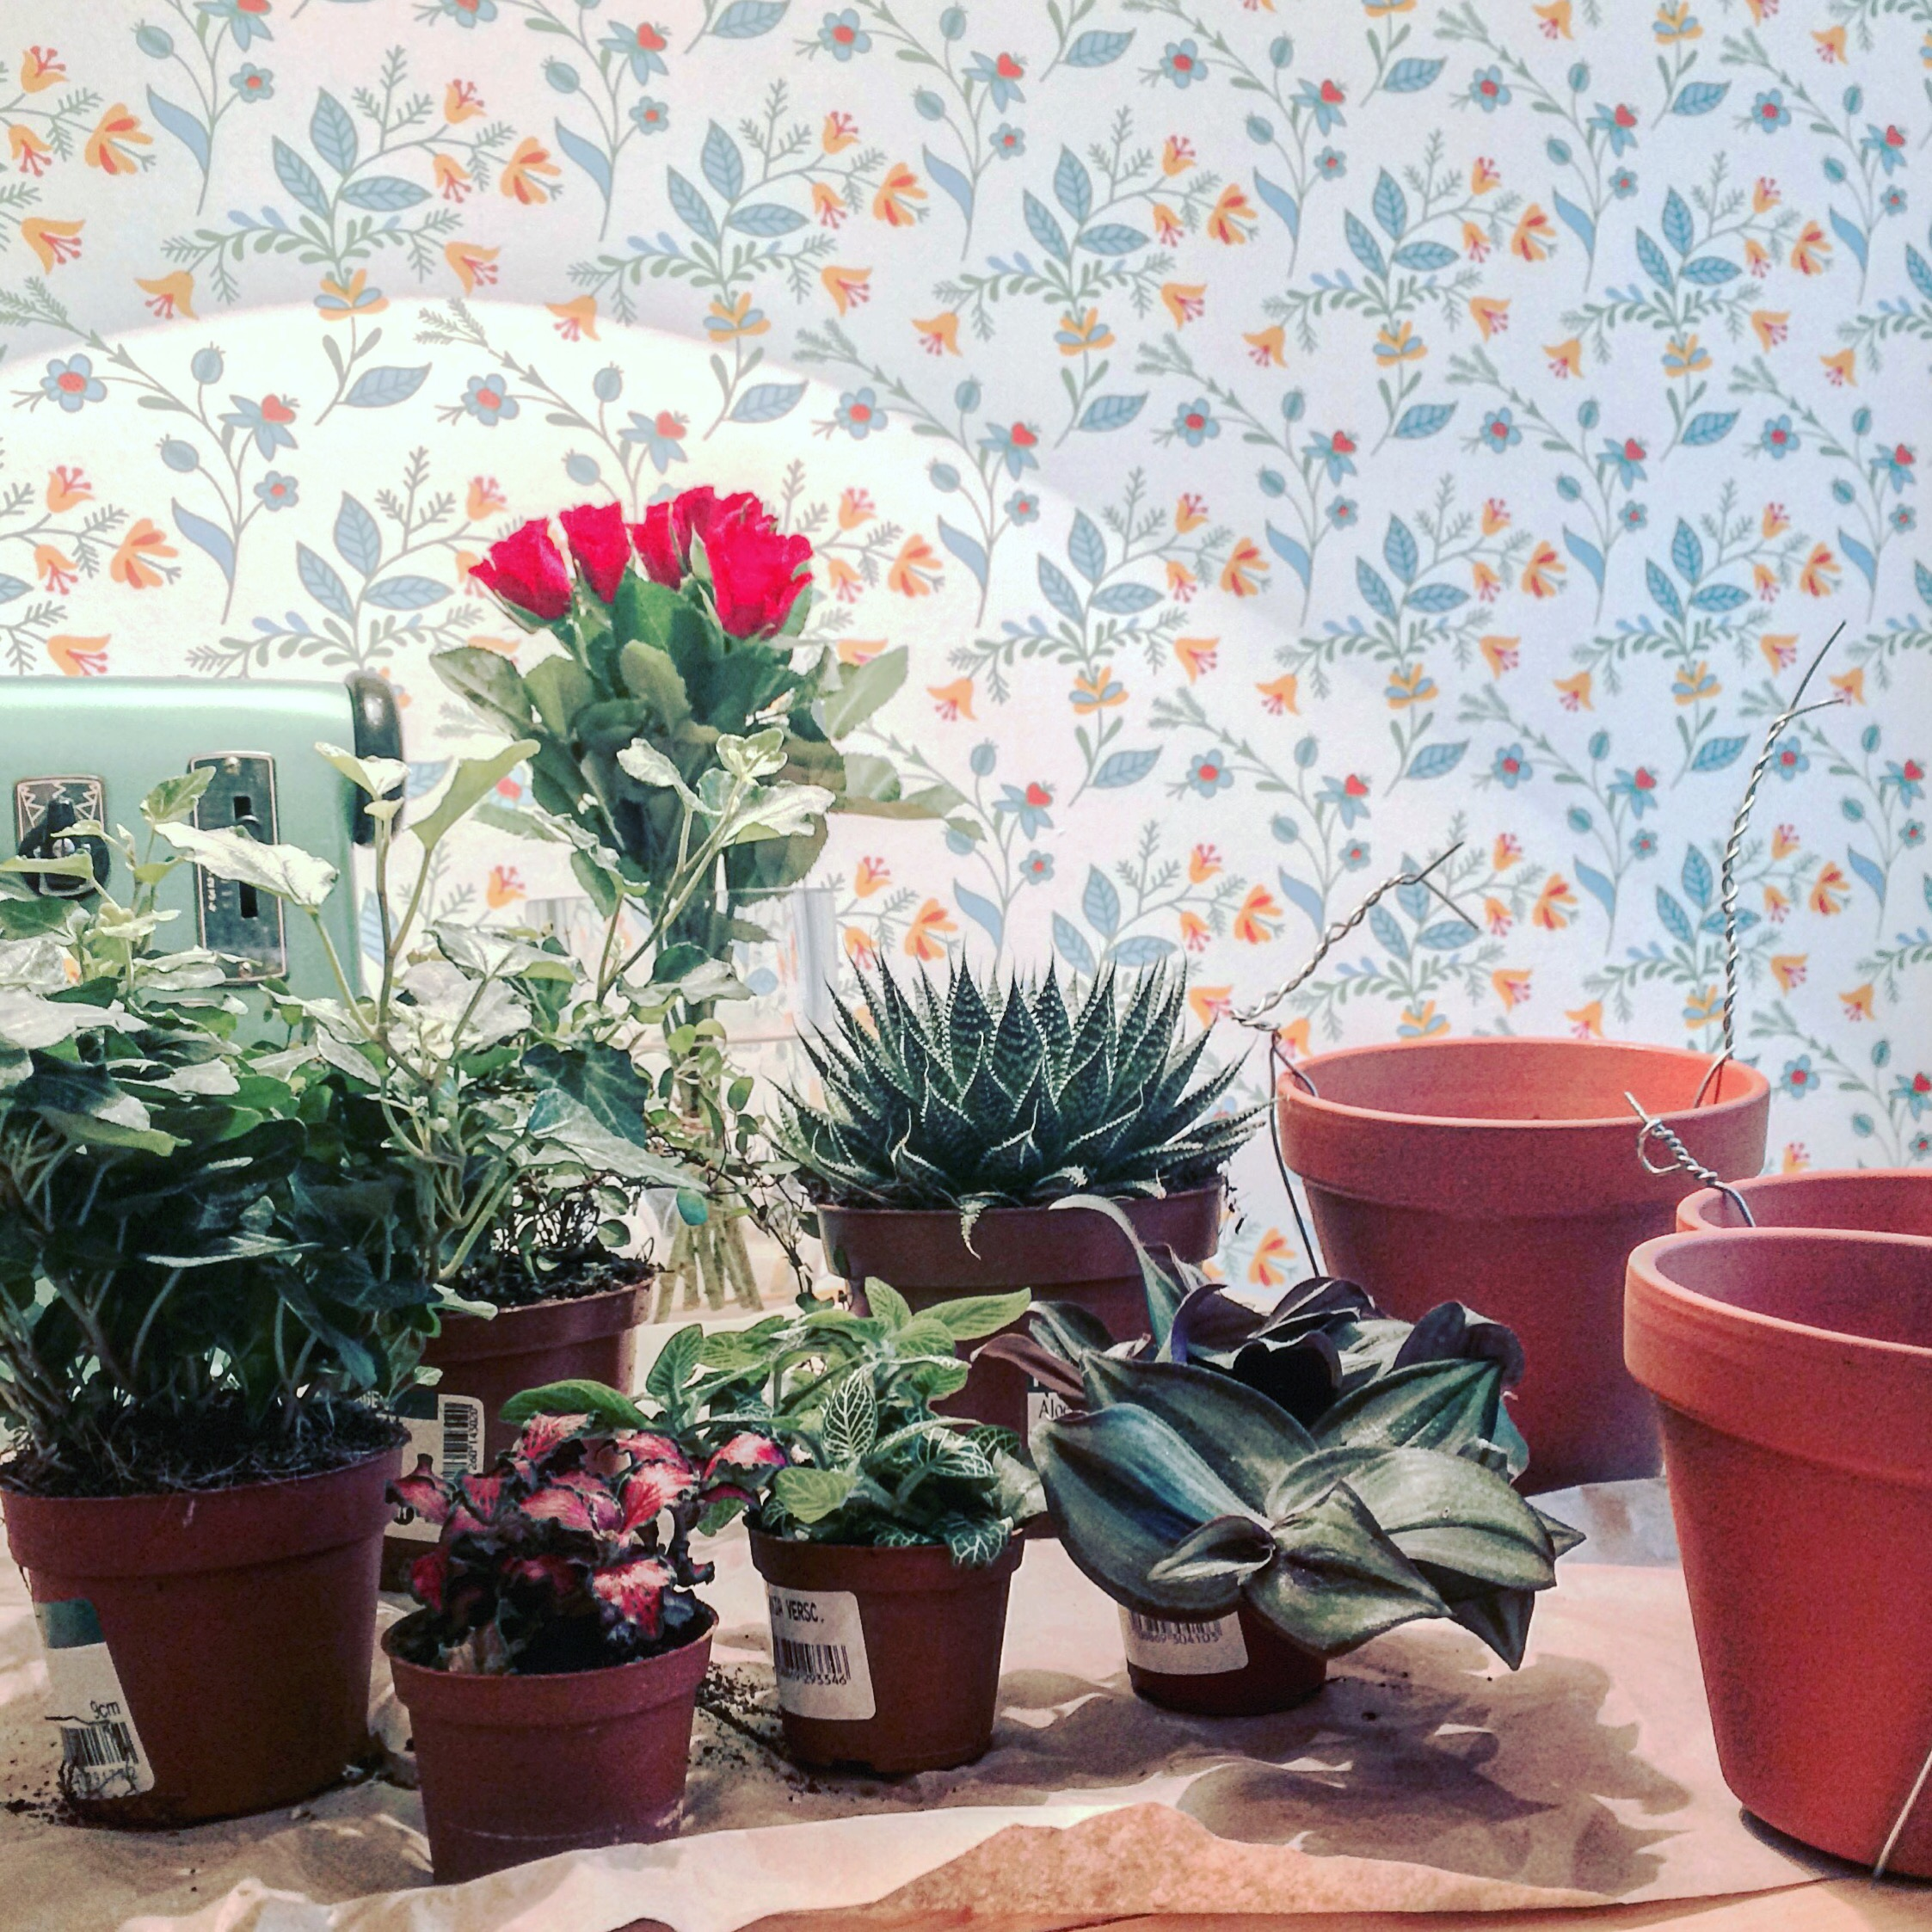 Bild på växterna i innerkrukor med lerkrukor bredvid.